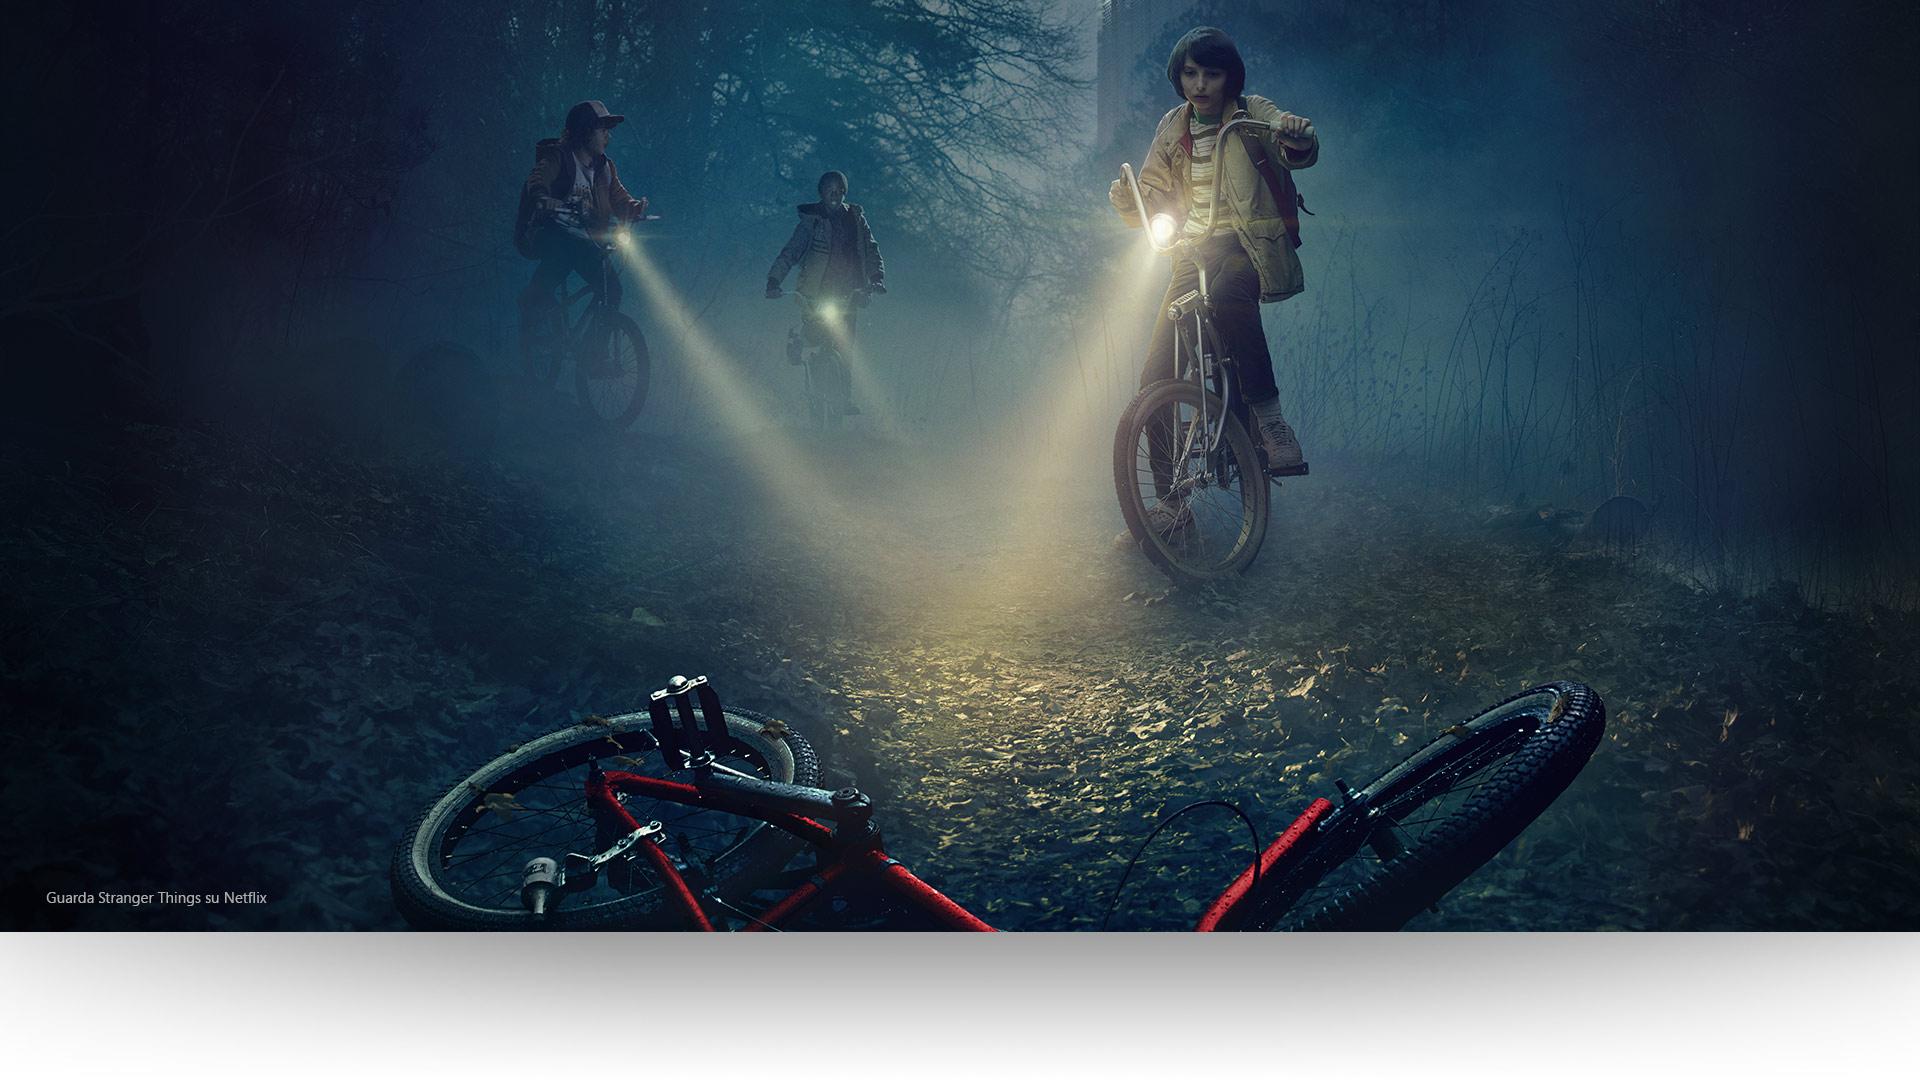 Bambini in bici scoprono che qualcuno ha perso la bicicletta - Guarda Stranger Things su Netflix